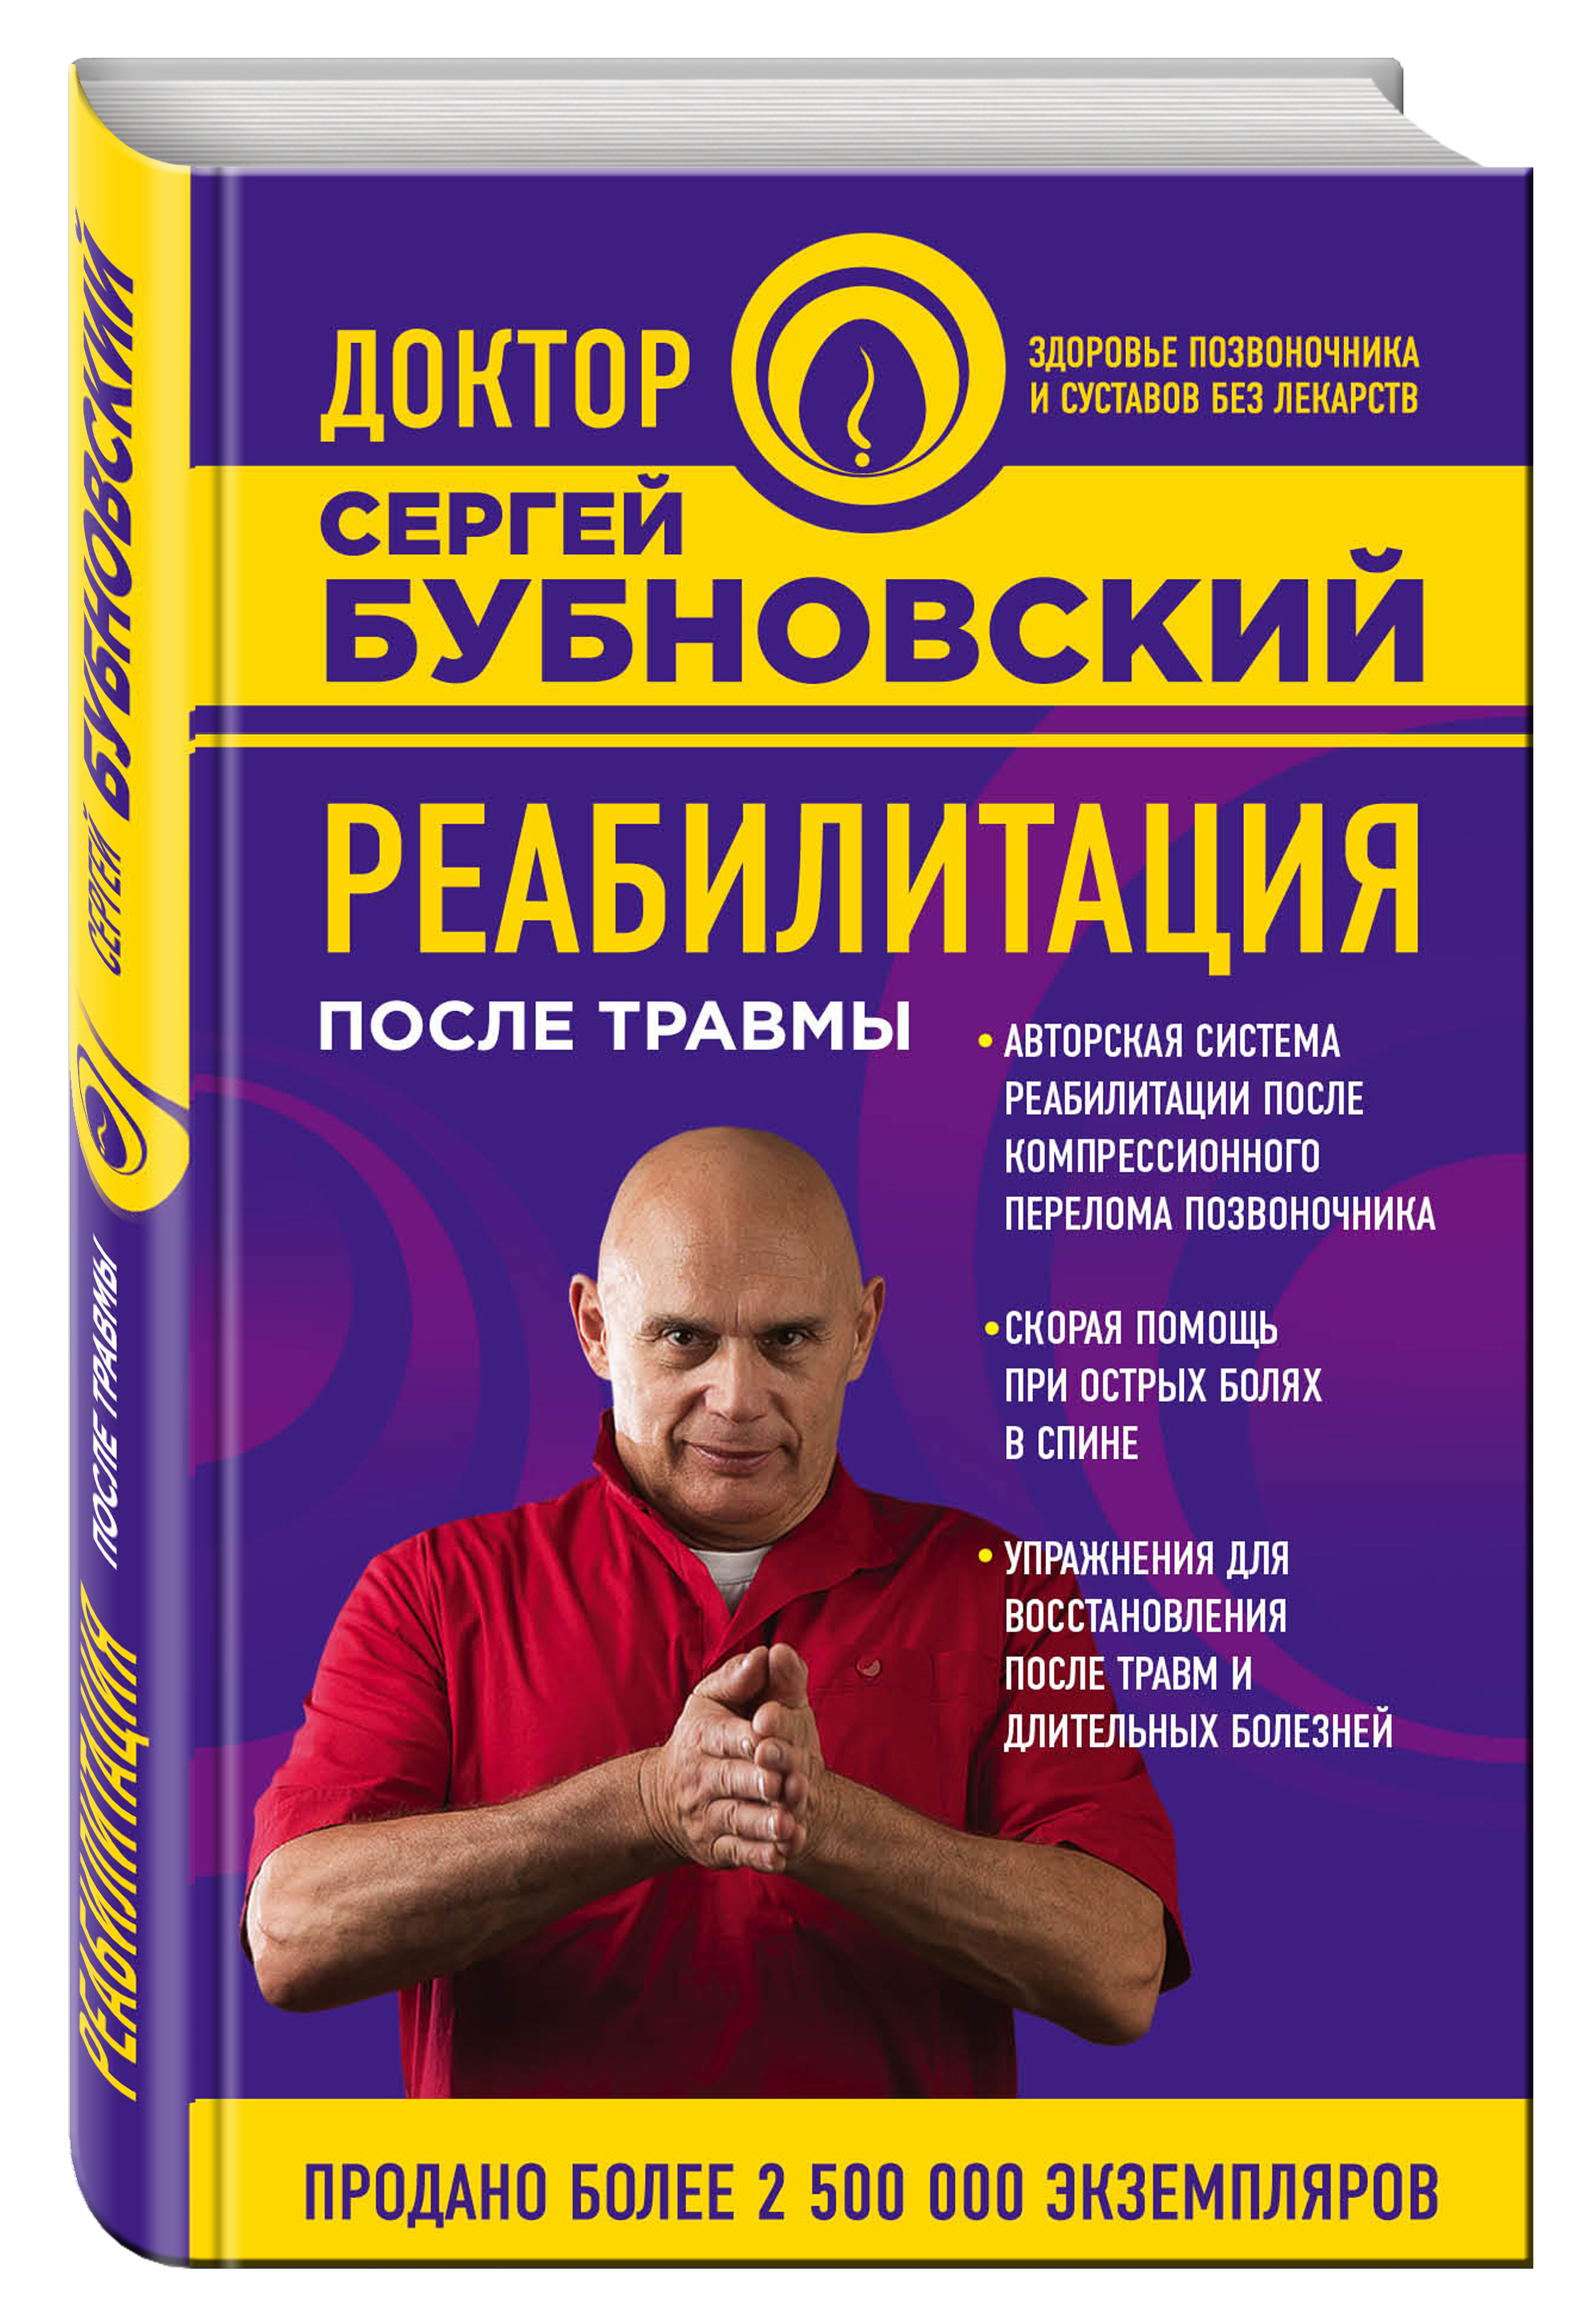 Бубновский С.М. Реабилитация после травмы кинезитерапия доктор бубновский тренажер